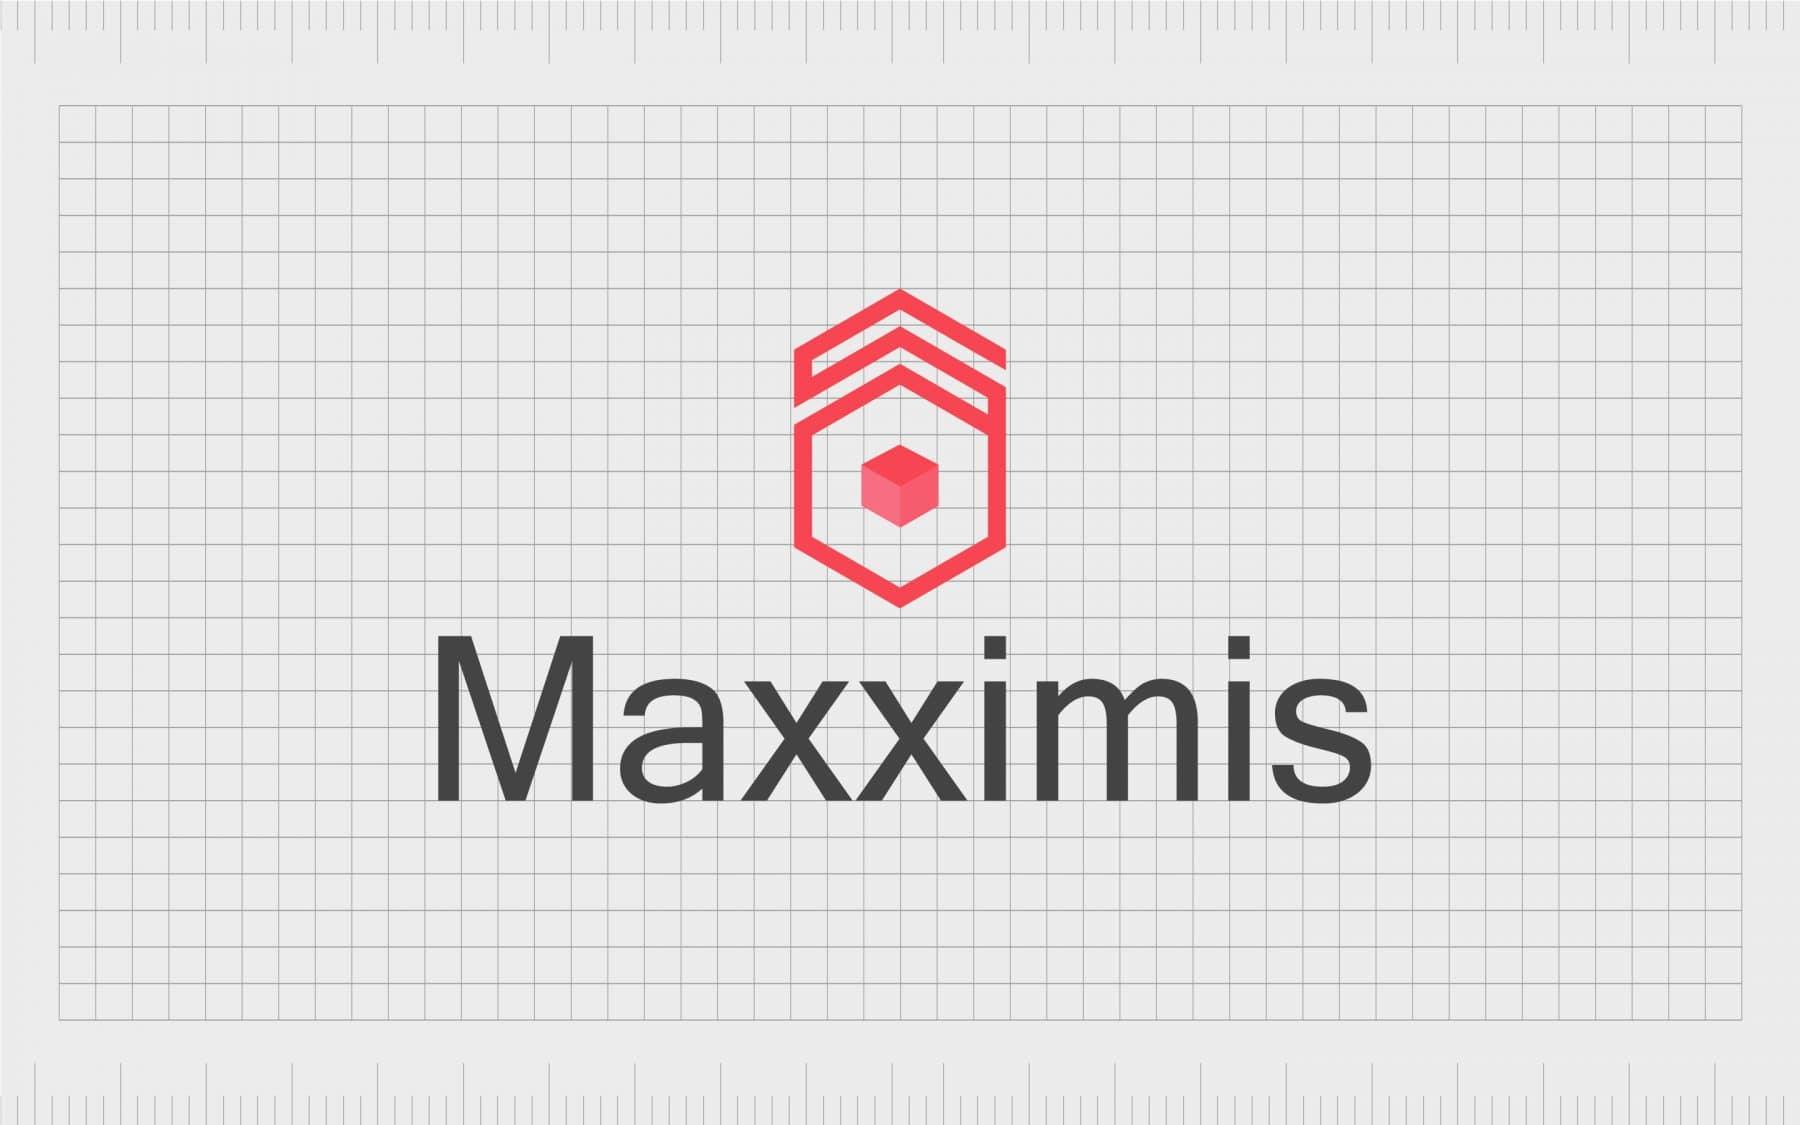 Maxximis